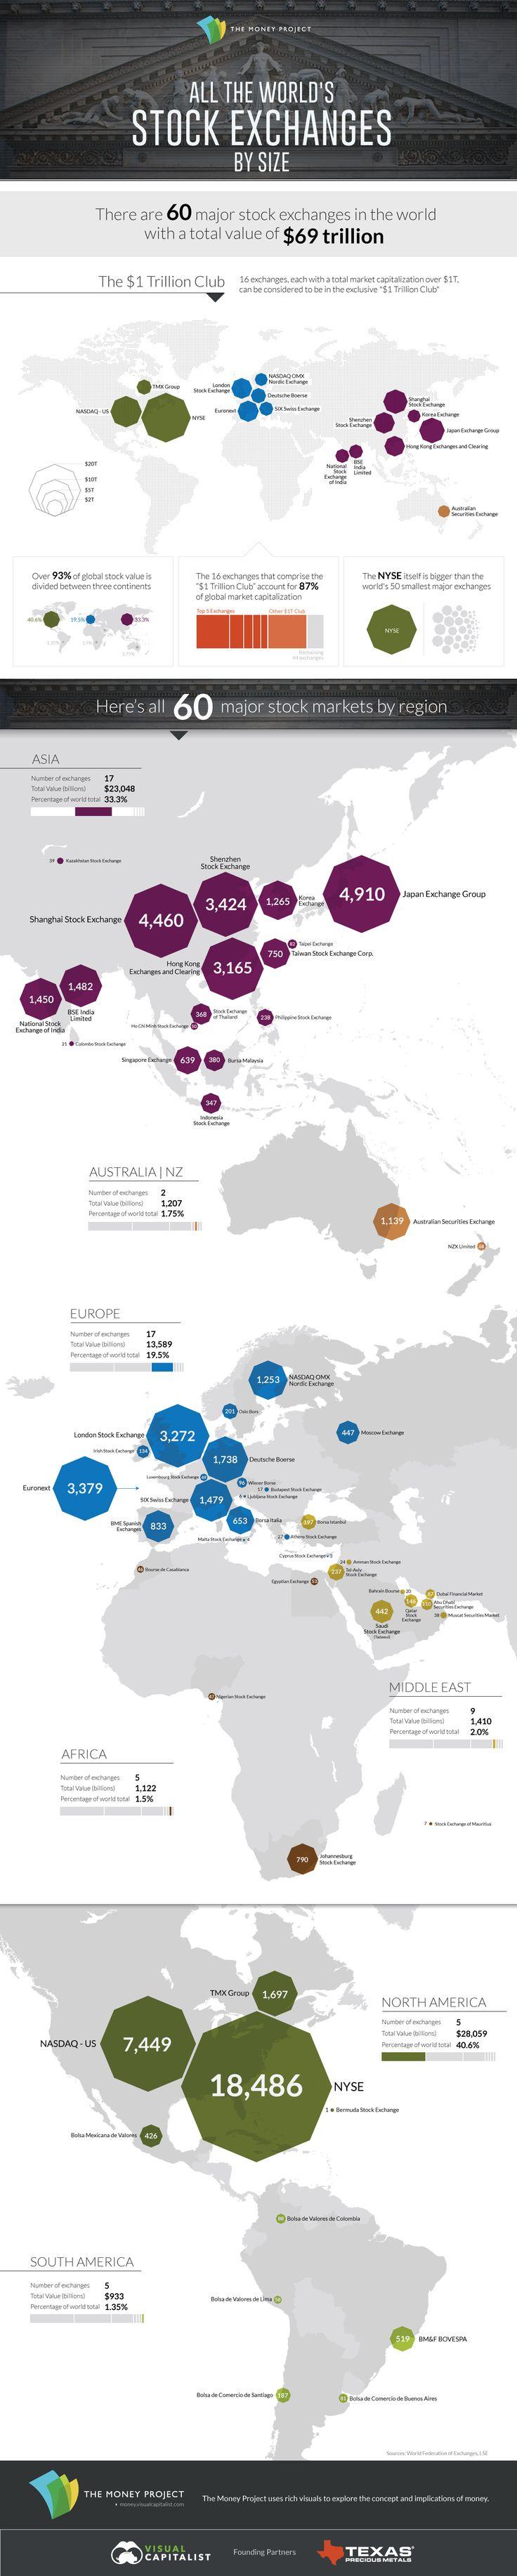 Los mayores mercados financieros mundiales... clasificados por capitalización